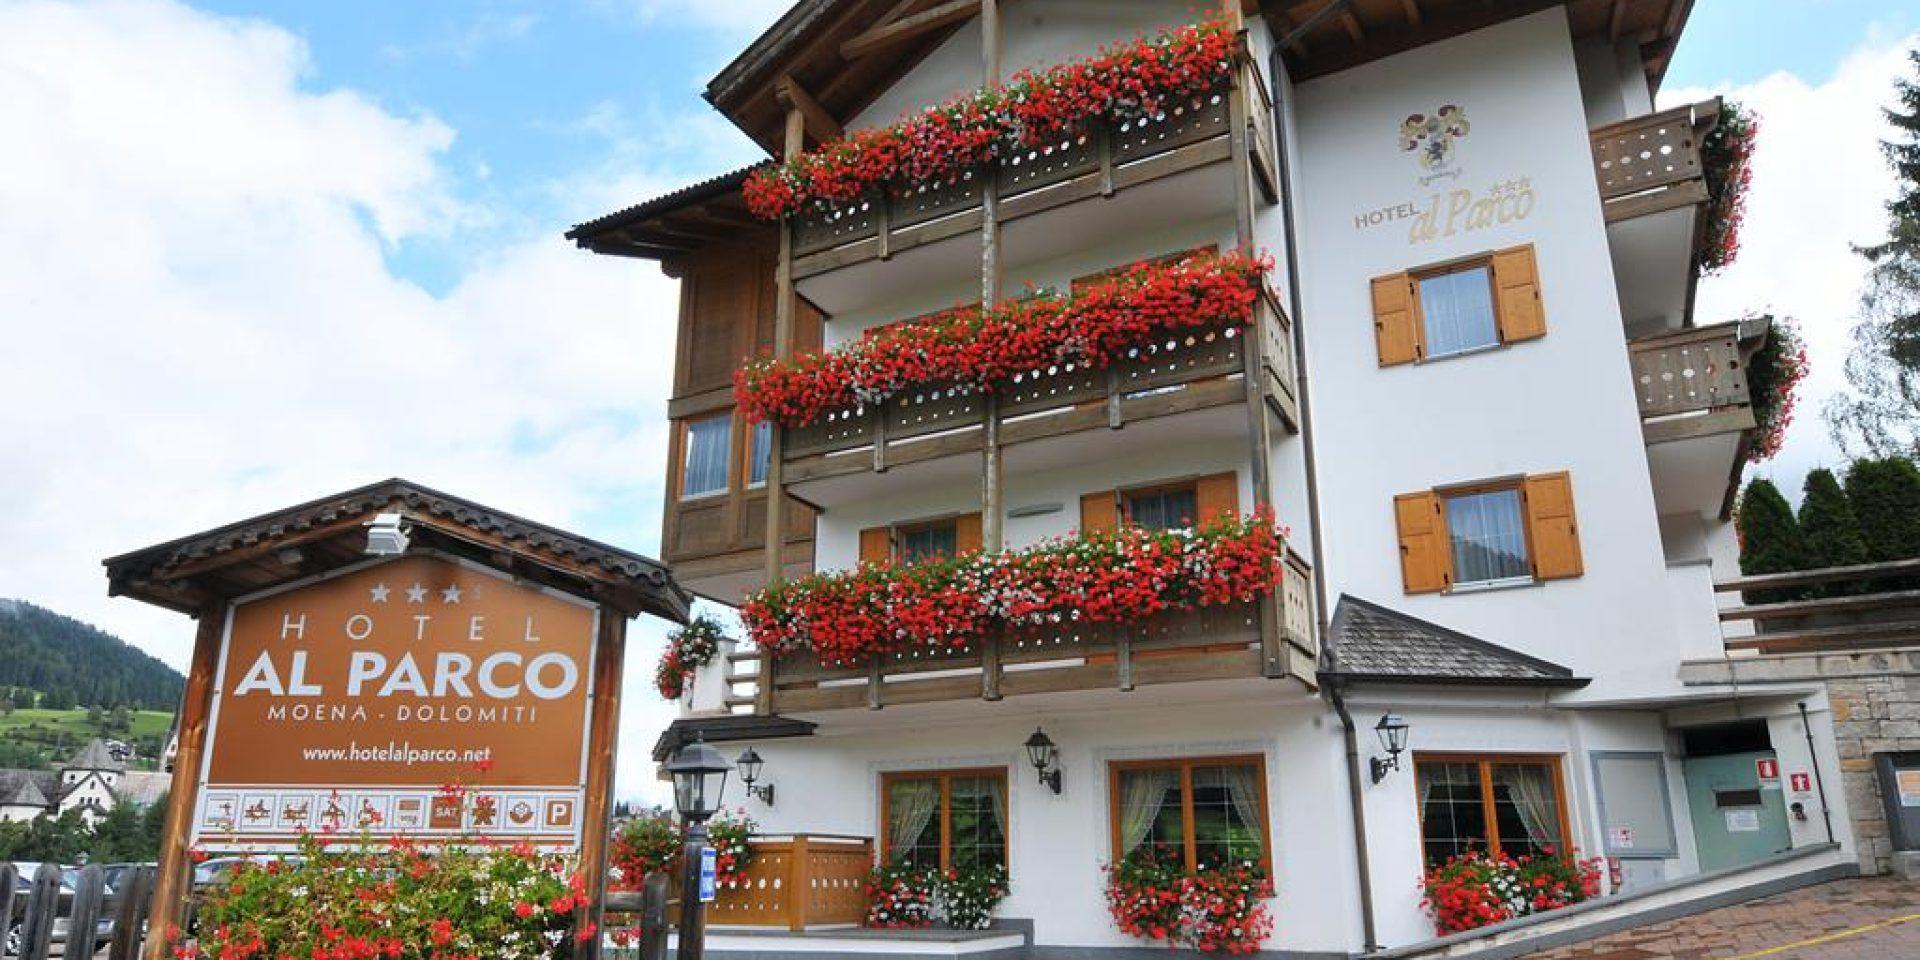 Hotel Al Parco